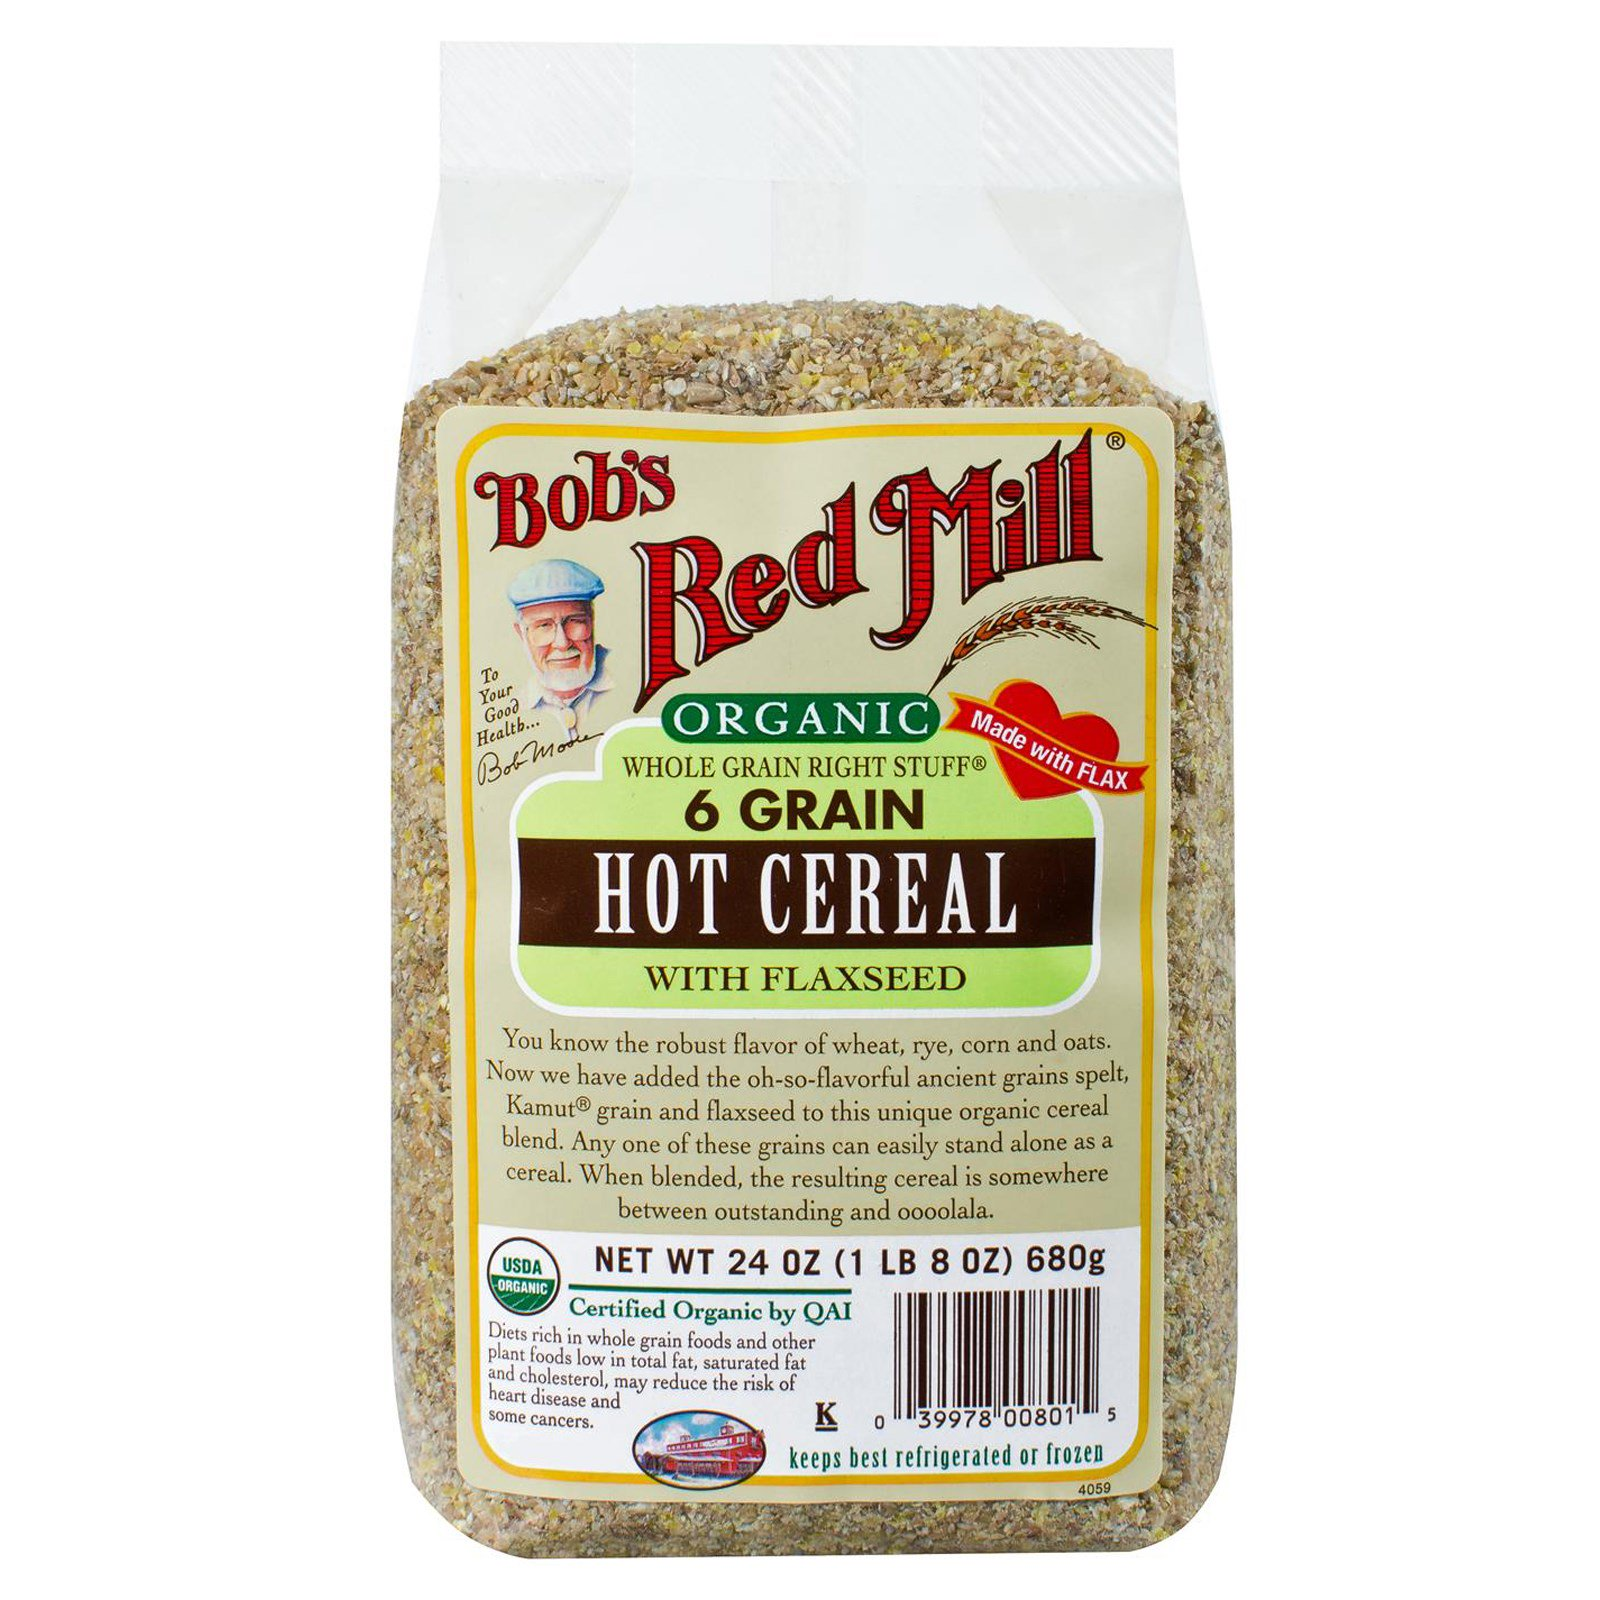 Bob's Red Mill, Органические, цельнозерновые популярные хлопья из 6 видов зерен, со льняным семенем, 24 унции (680 г)